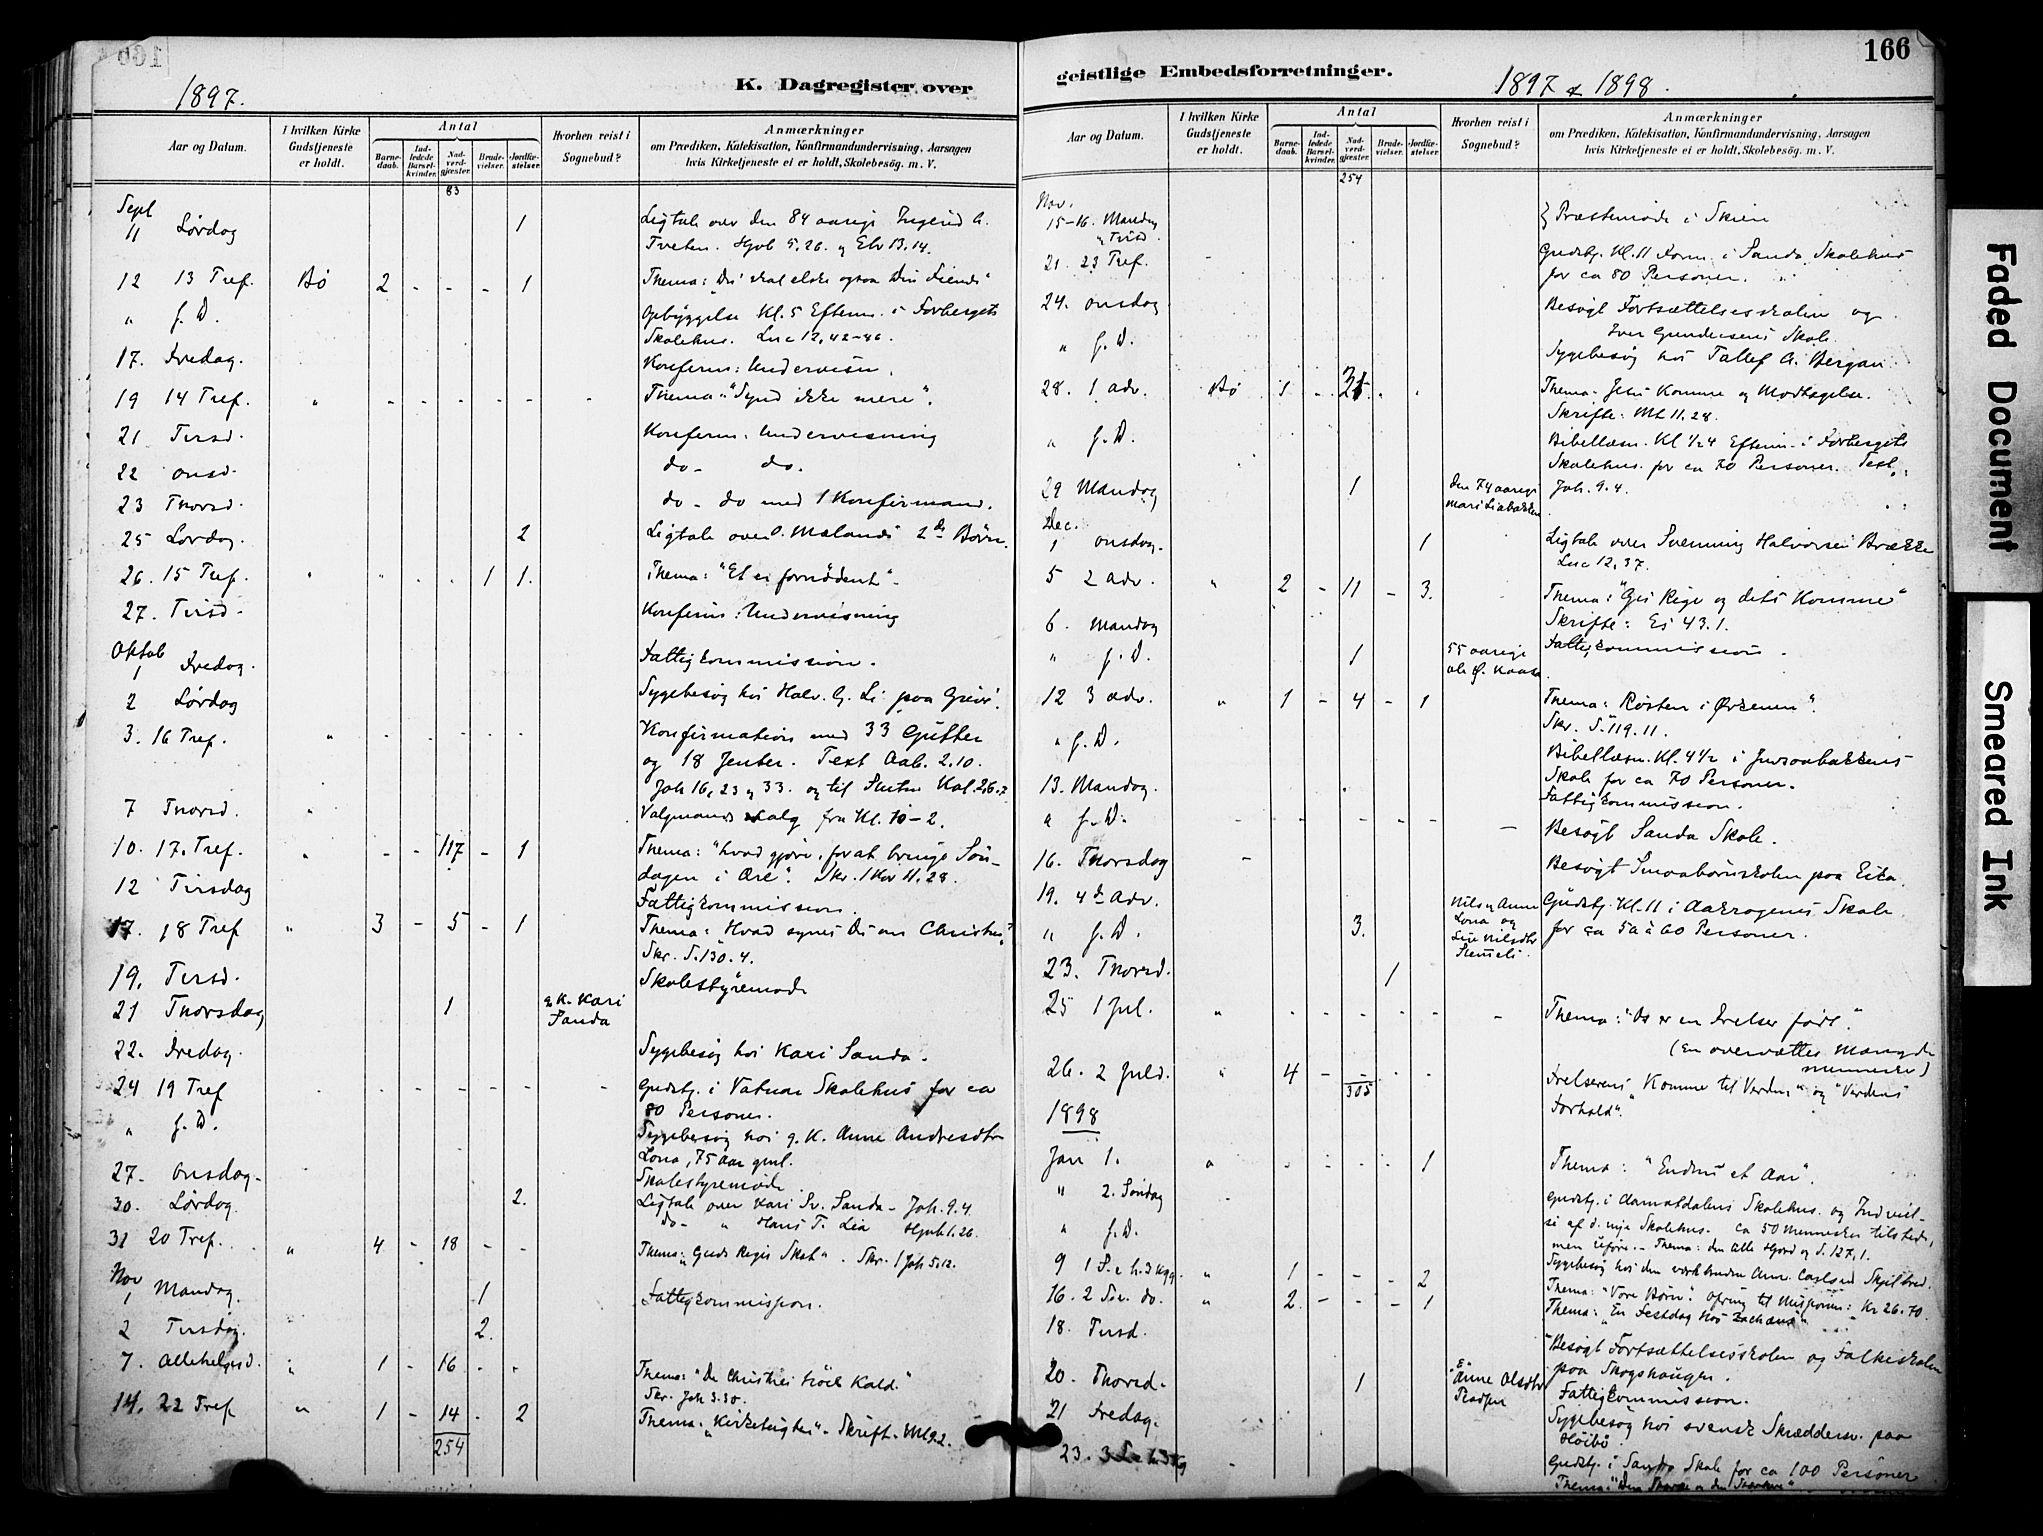 SAKO, Bø kirkebøker, F/Fa/L0011: Ministerialbok nr. 11, 1892-1900, s. 166